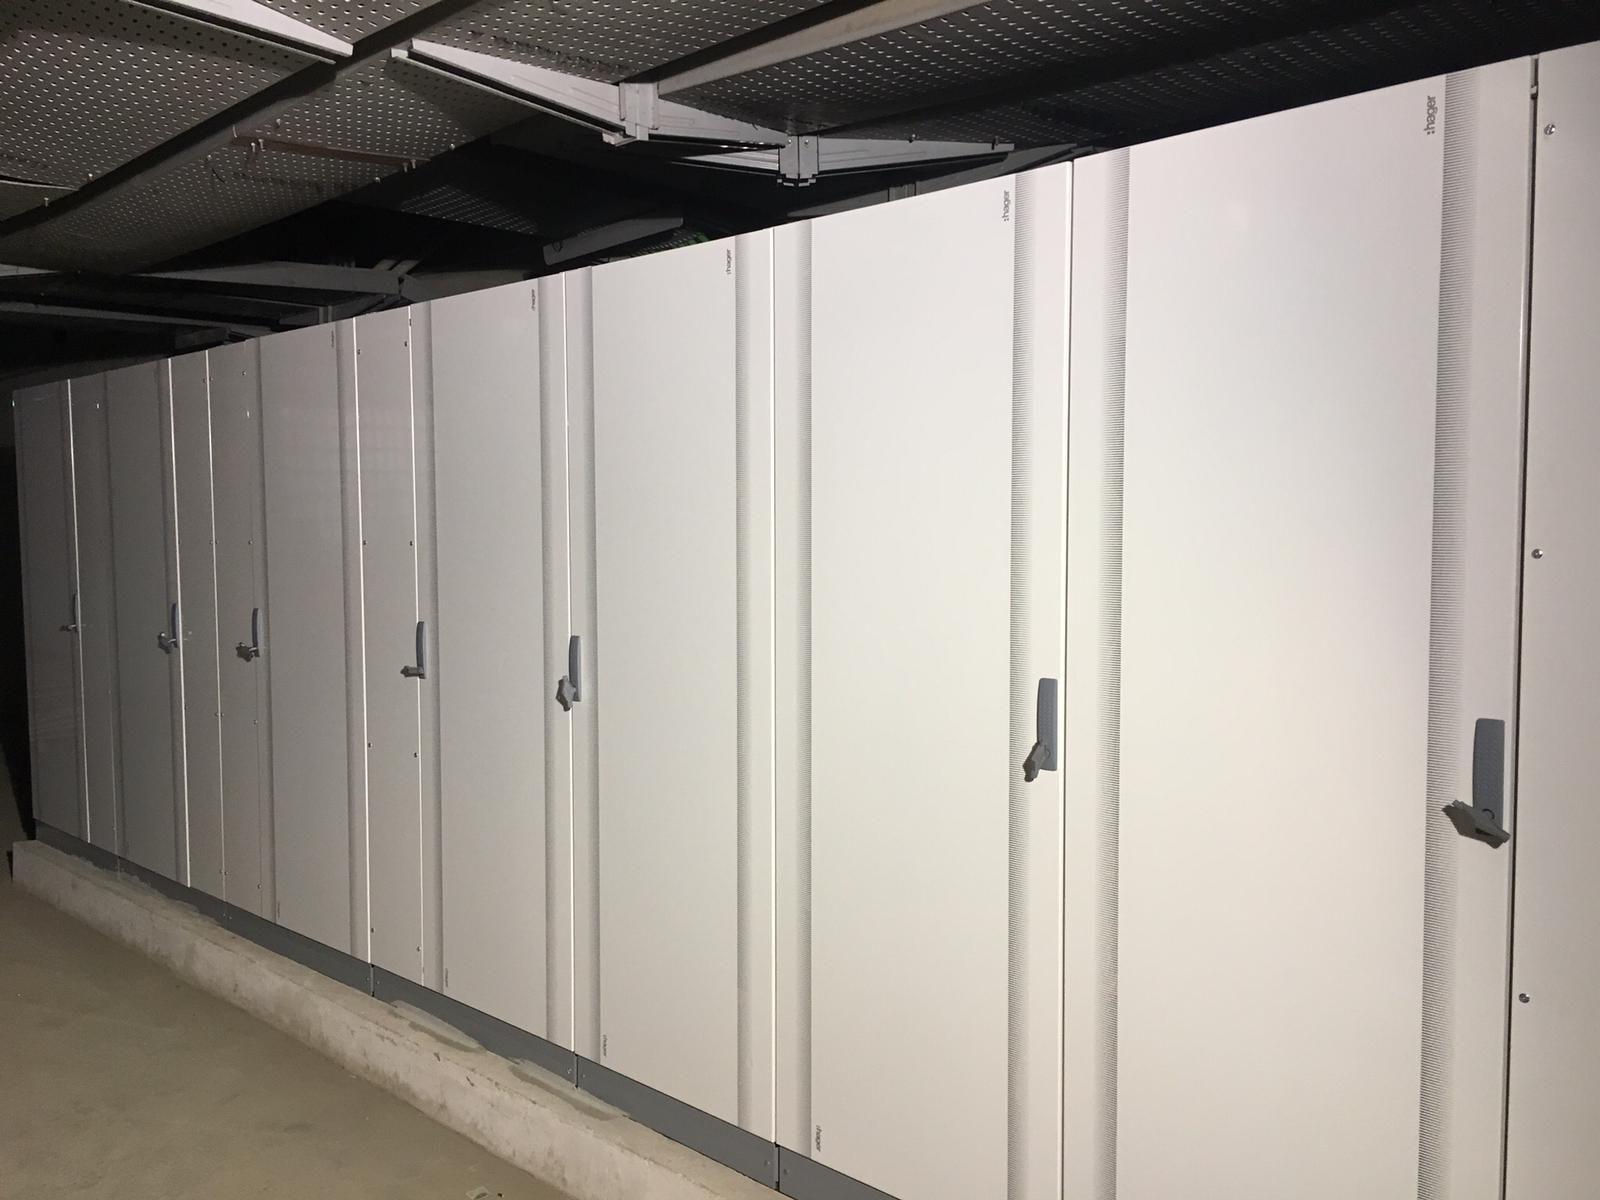 Montamos armarios eléctricos completos